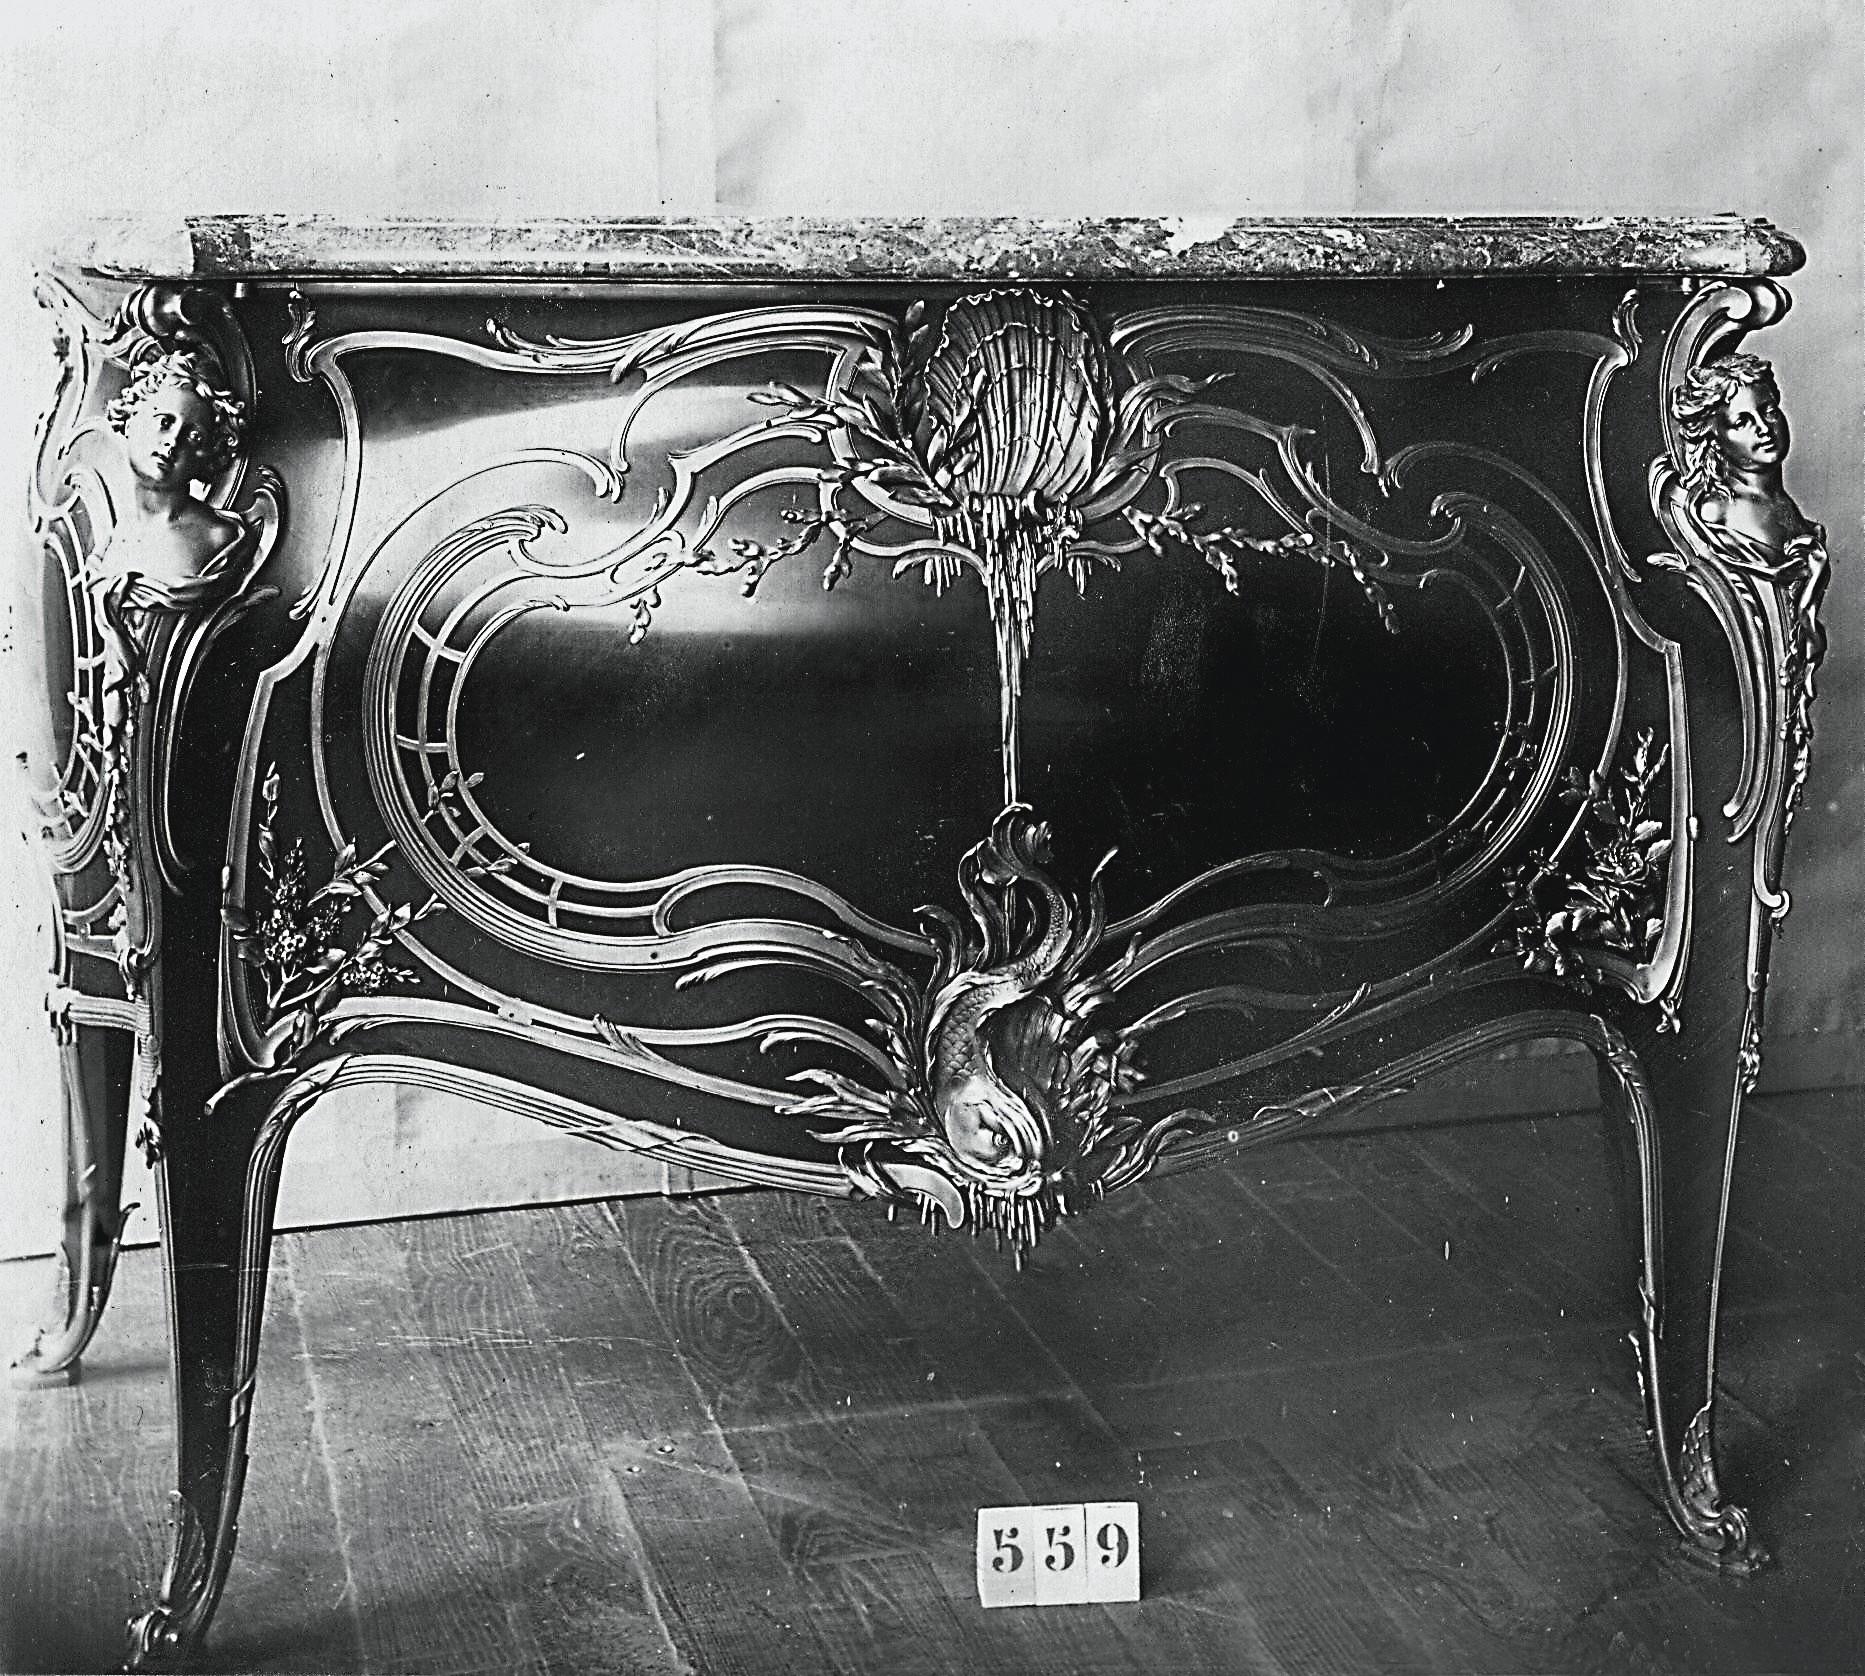 Ludlow FONDERIES 310x65mm Antique Fer Noir De Doigt Porte Poussoir De Doigt